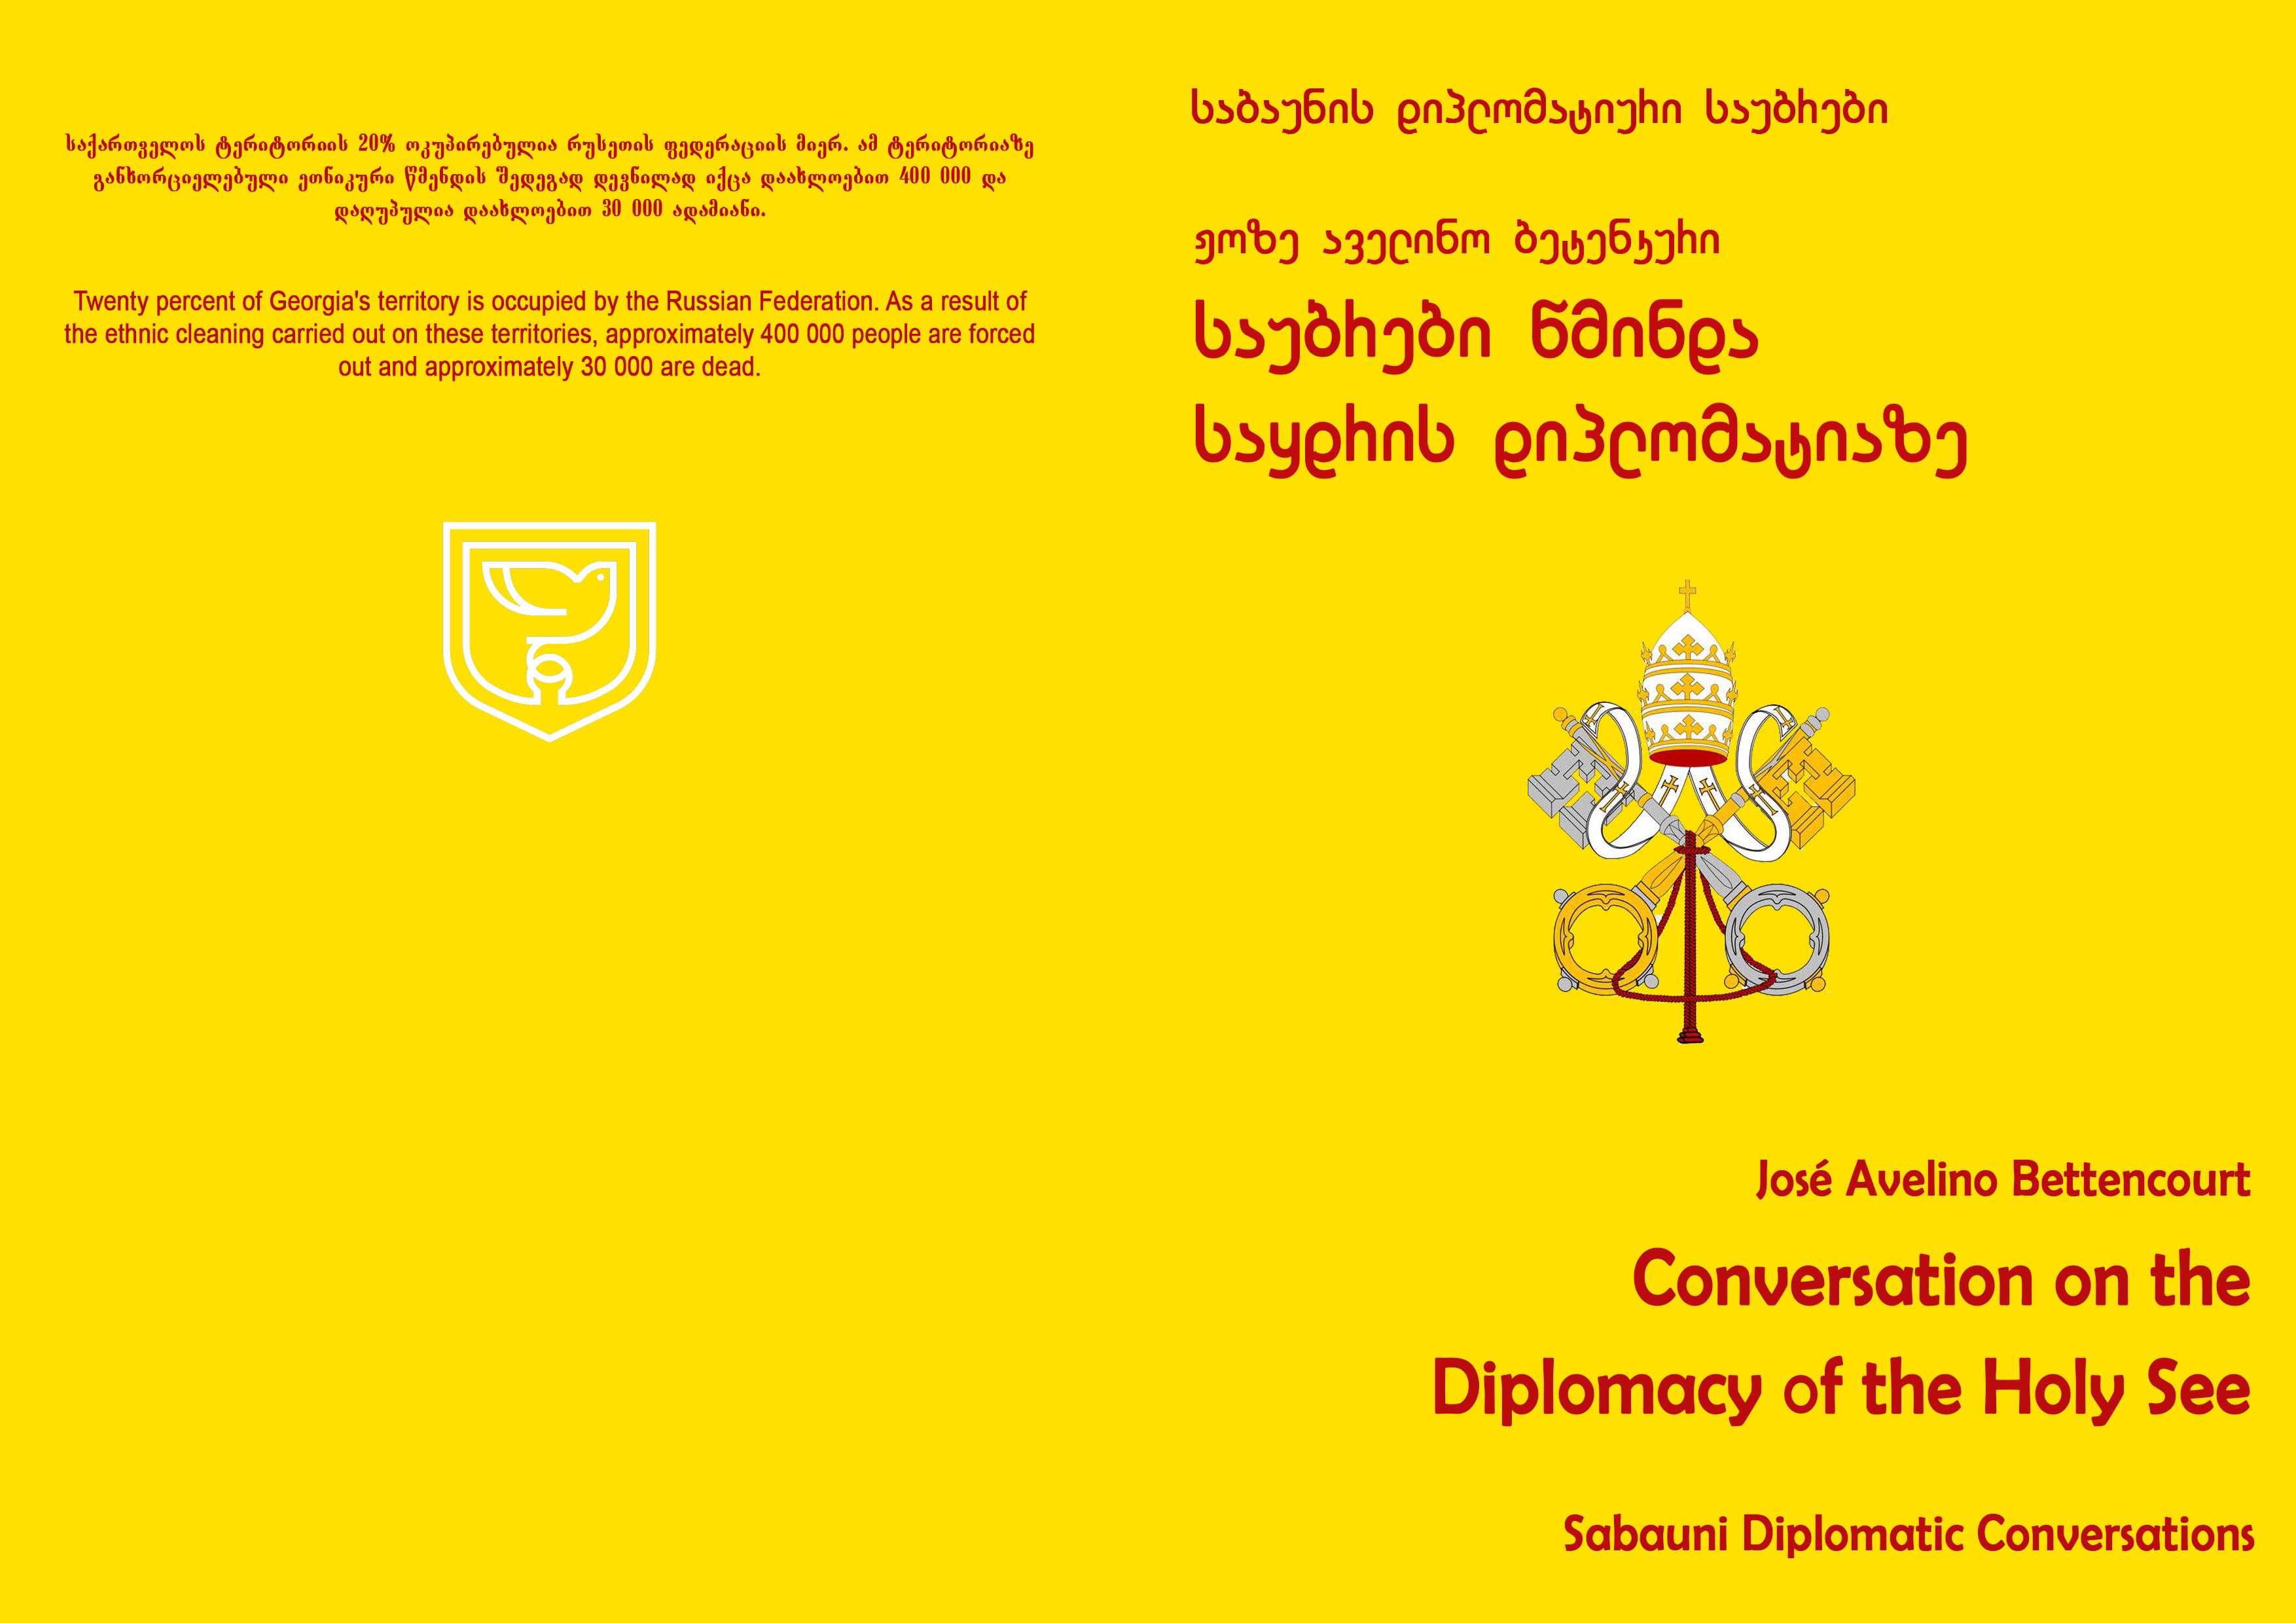 ჟოზე აველინო ბეტენკური - საუბრები წმინდა საყდრის დიპლომატიაზე. საბაუნის დიპლომატიური საუბრები.